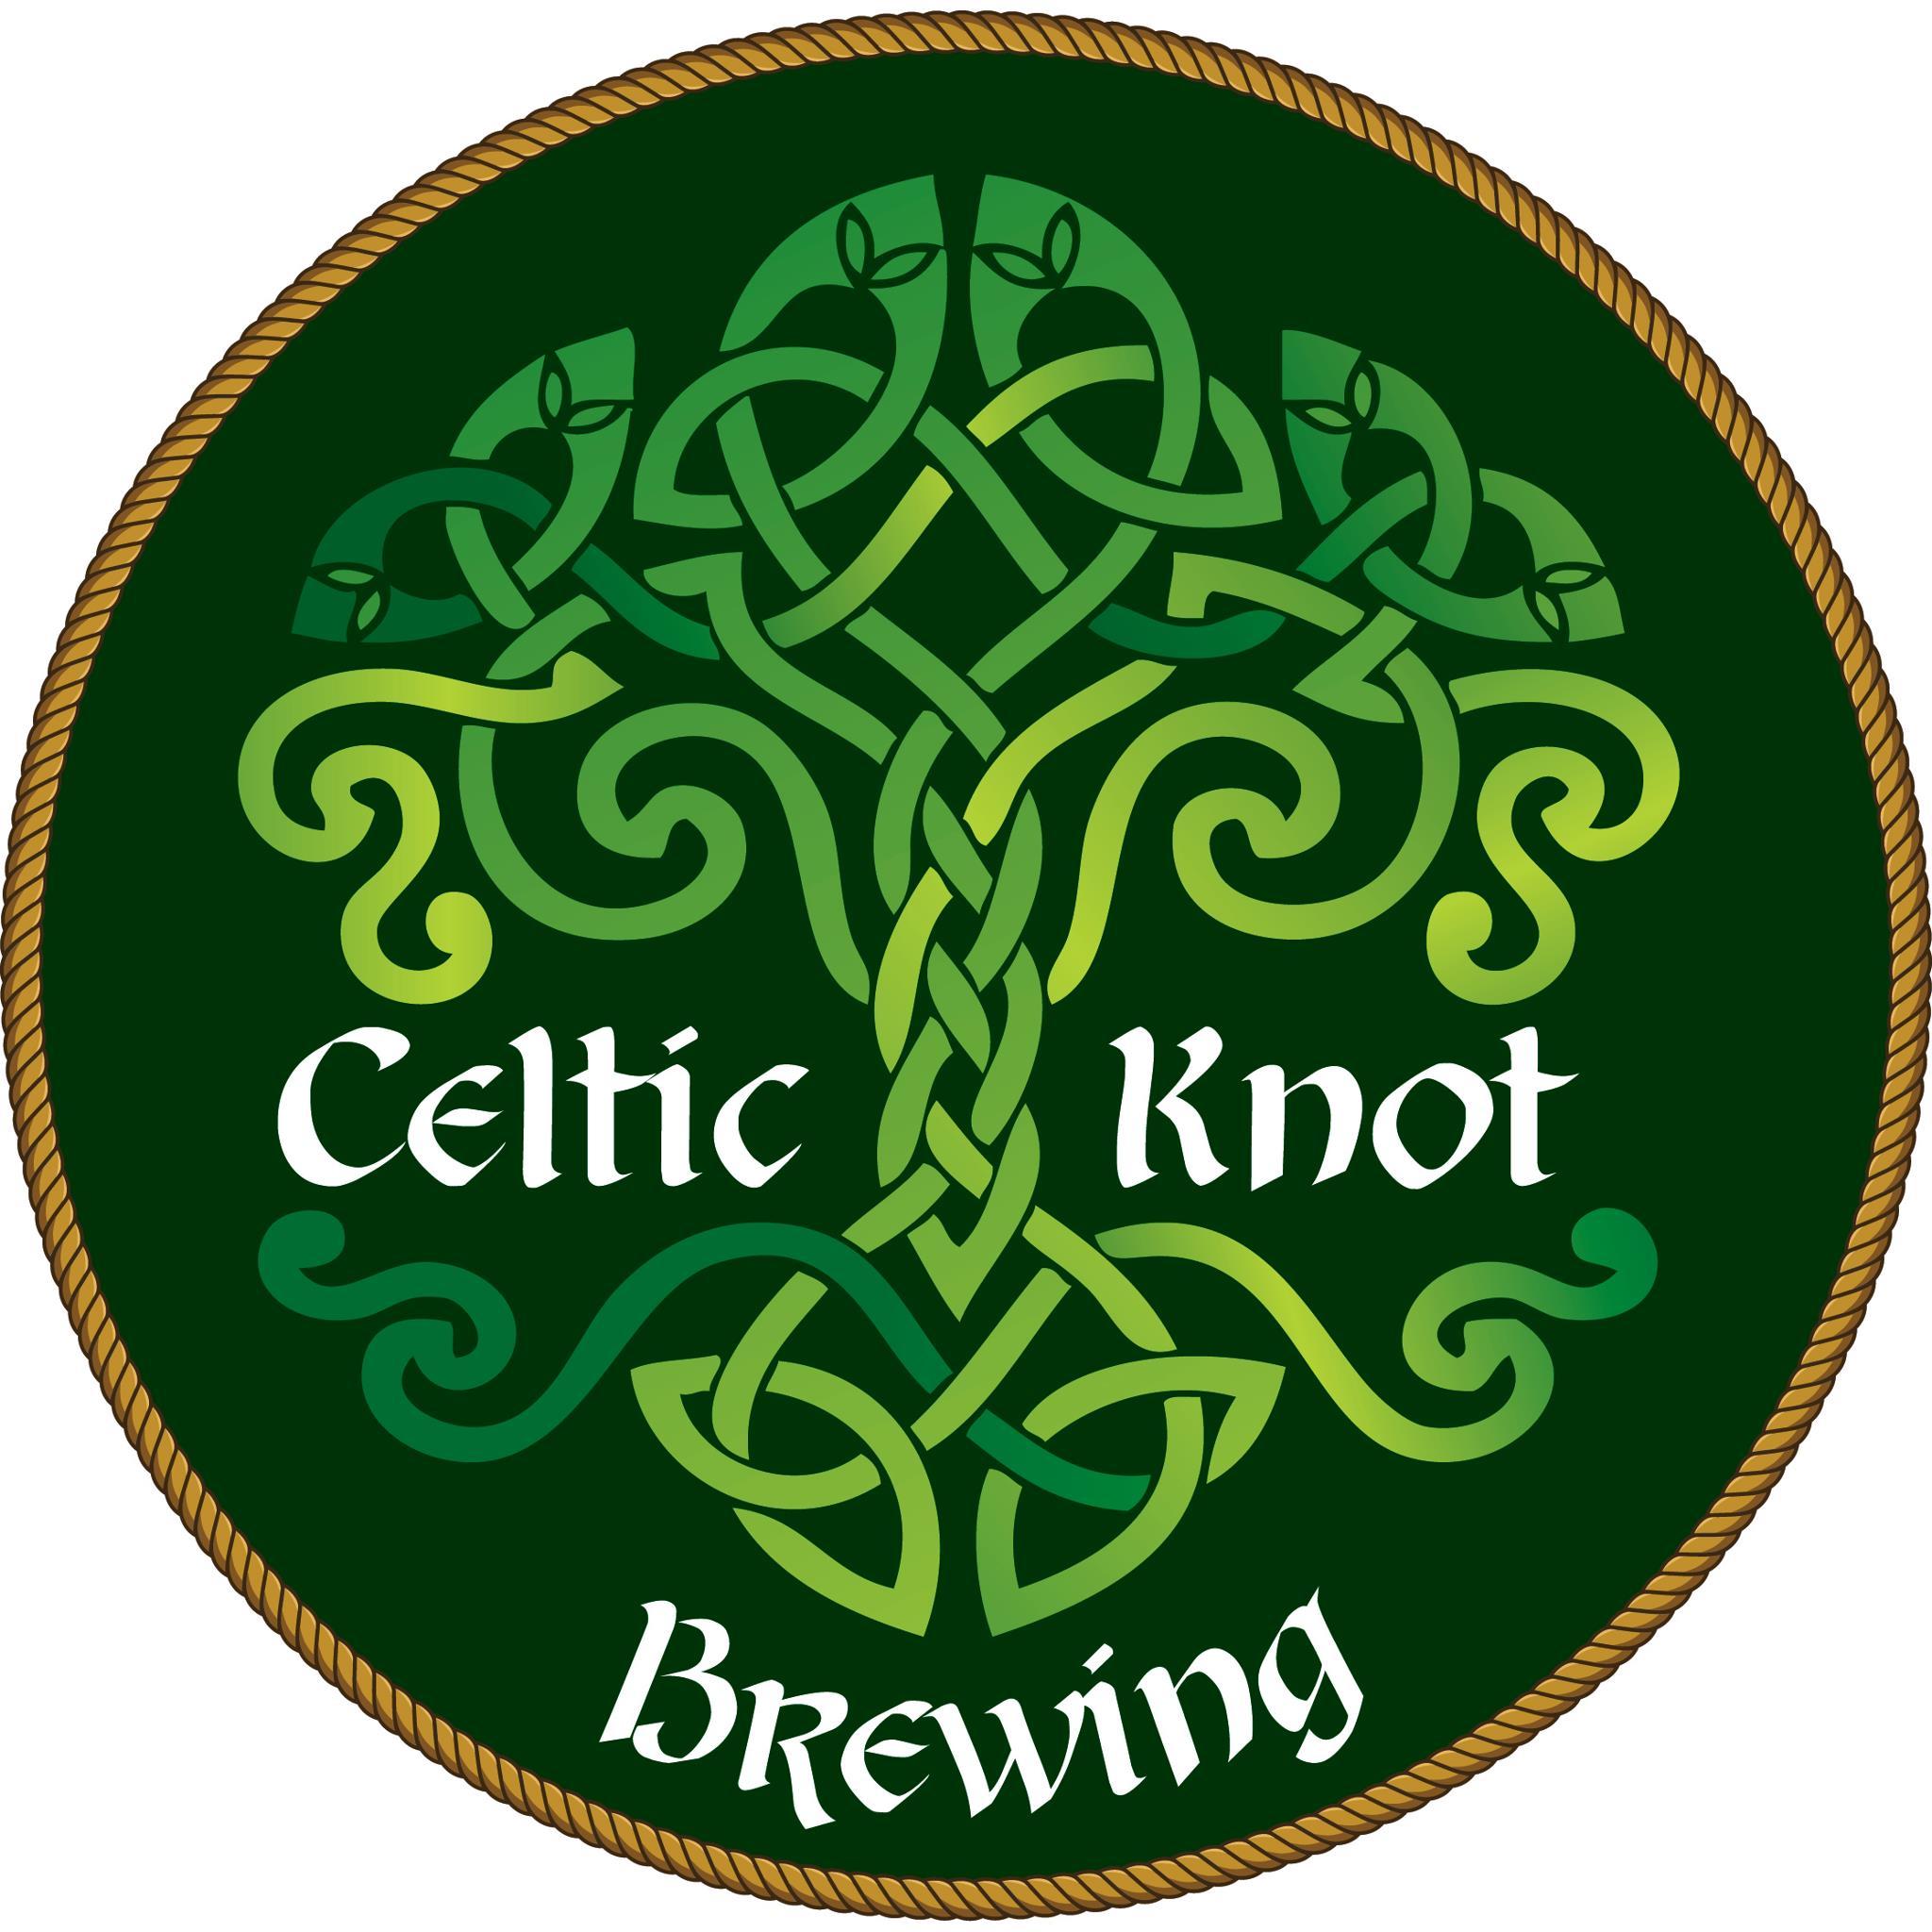 CelticKnot